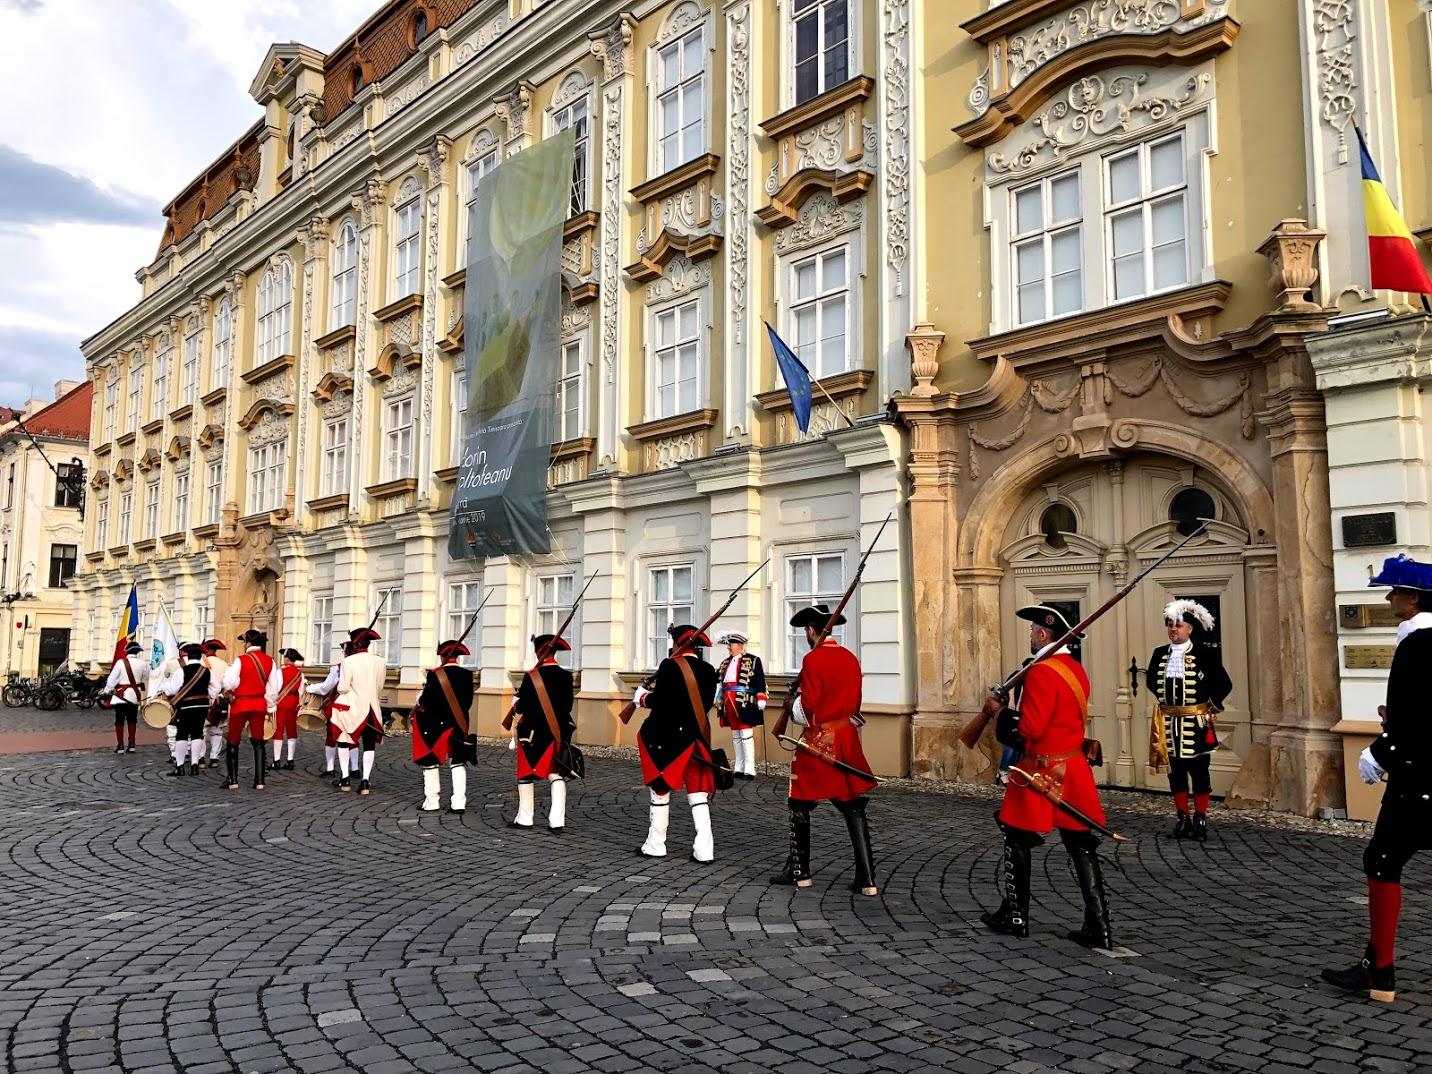 Troca da Guarda Timisoara Romênia